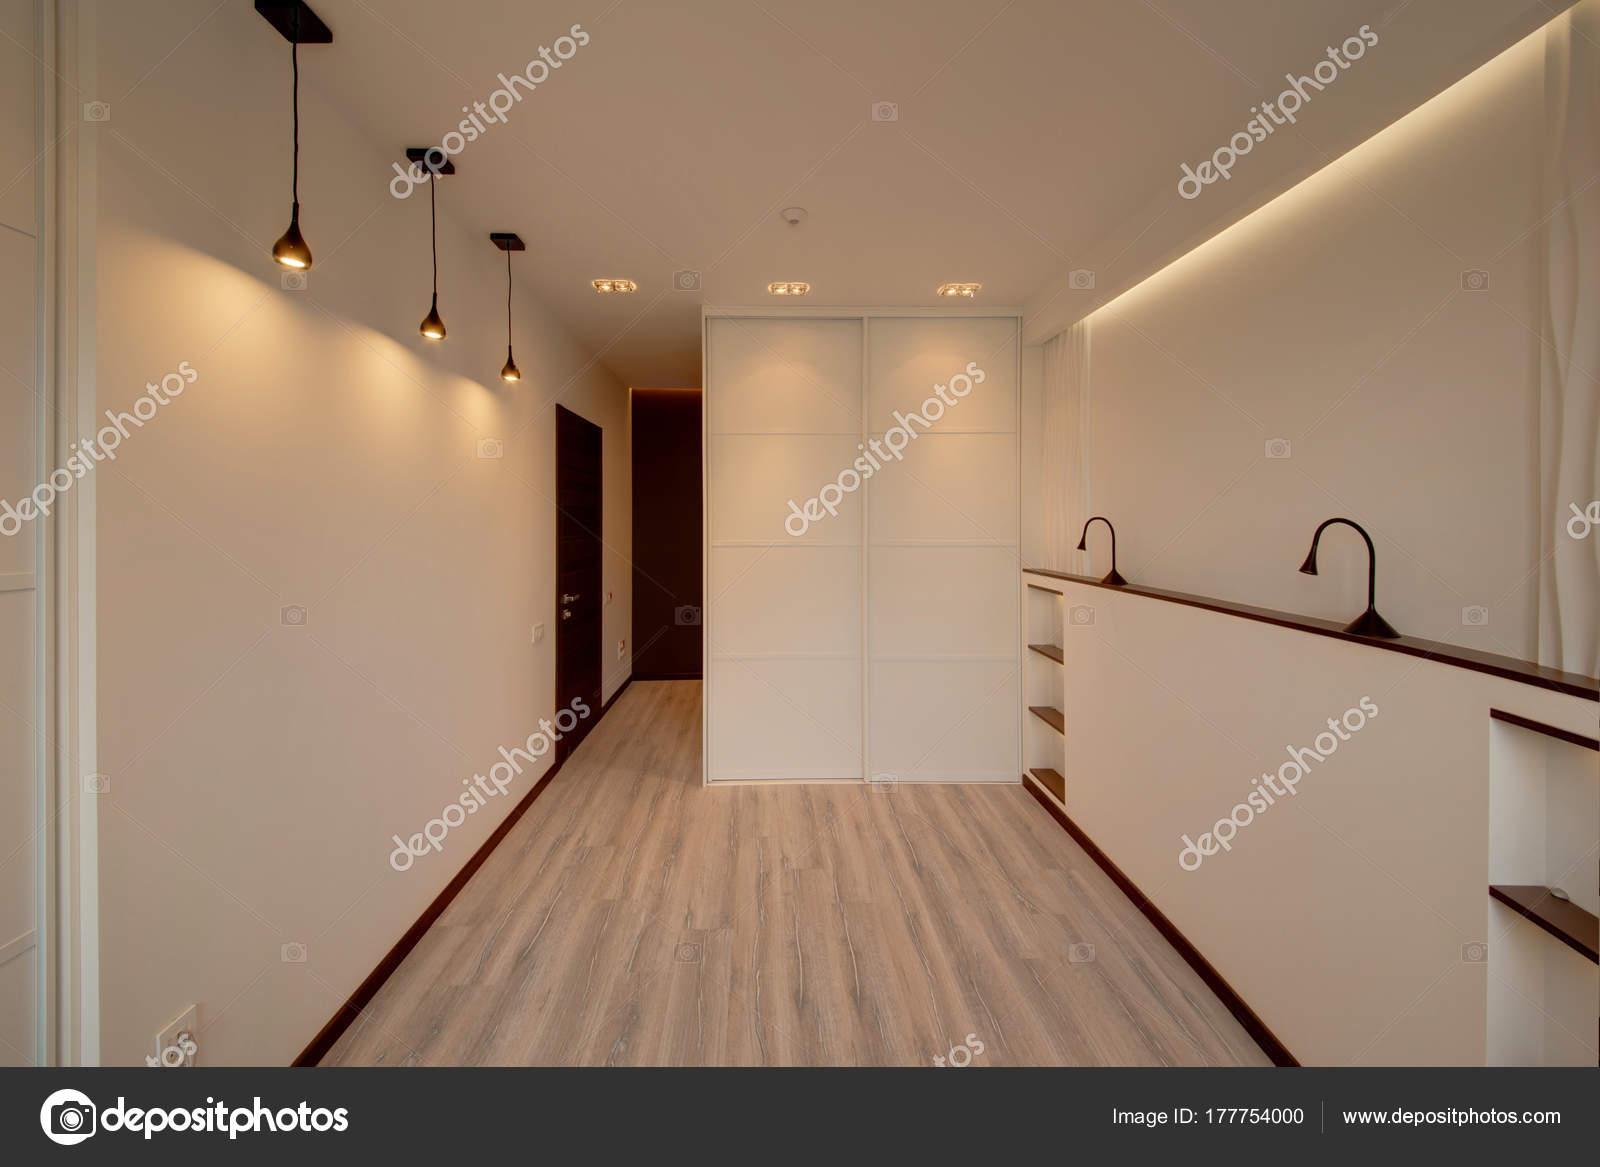 Die Schiebetüren Einbauschrank Schlafzimmer Weiß Mit Braunen Türen ...